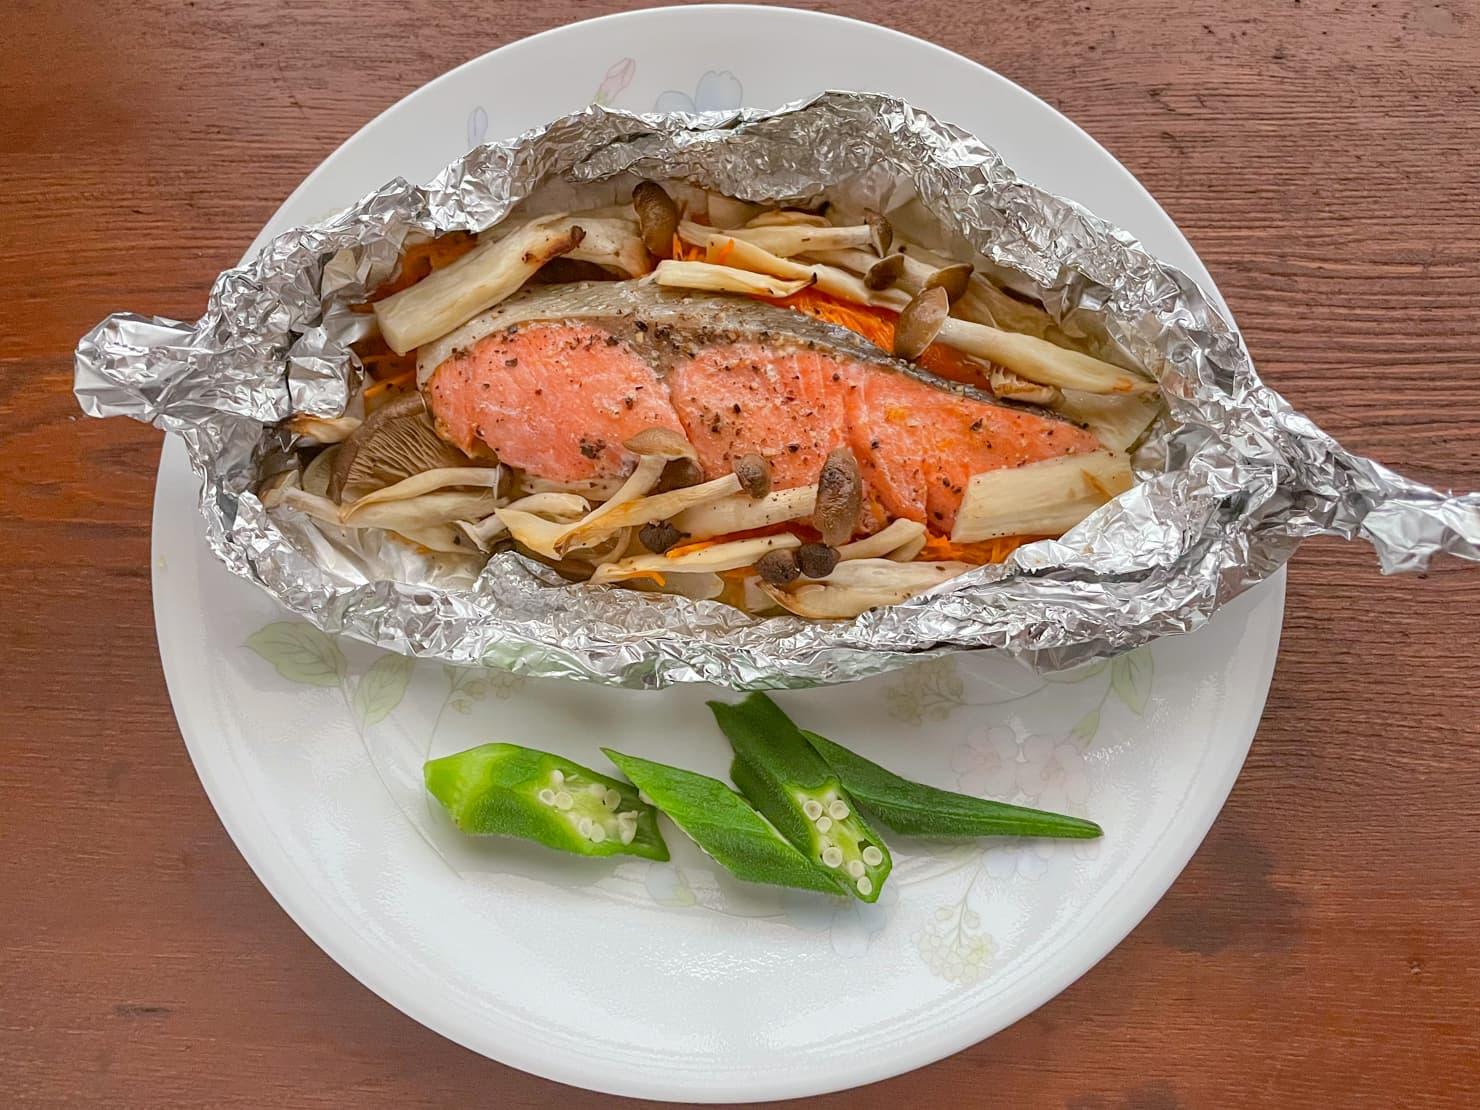 鮭と野菜のホイル焼きの写真